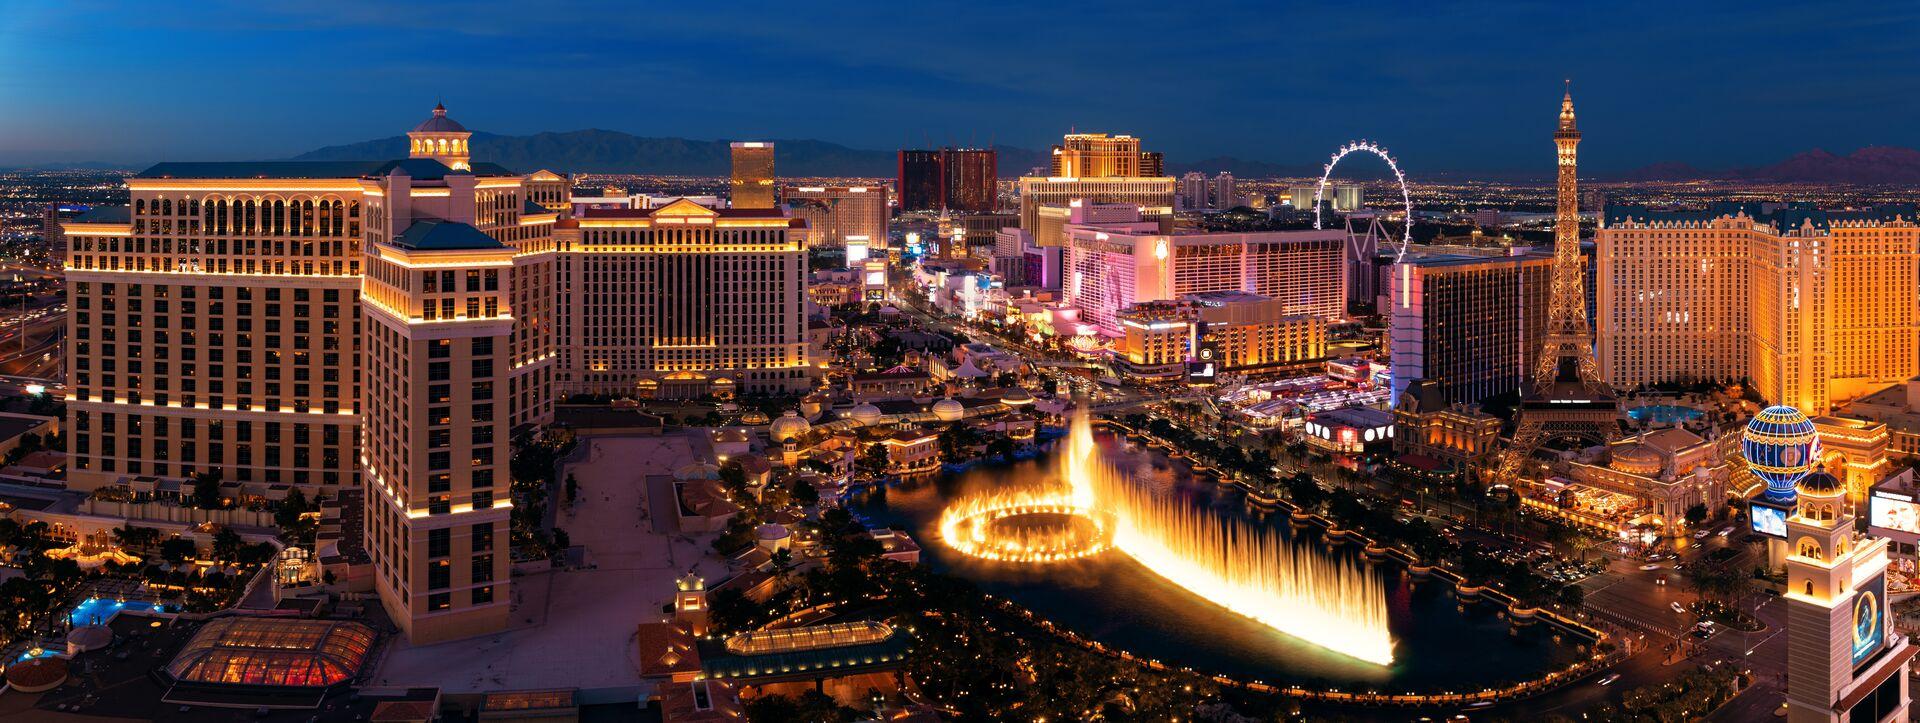 Blick auf Las Vegas Strip bei Nacht - Casino-Hotels